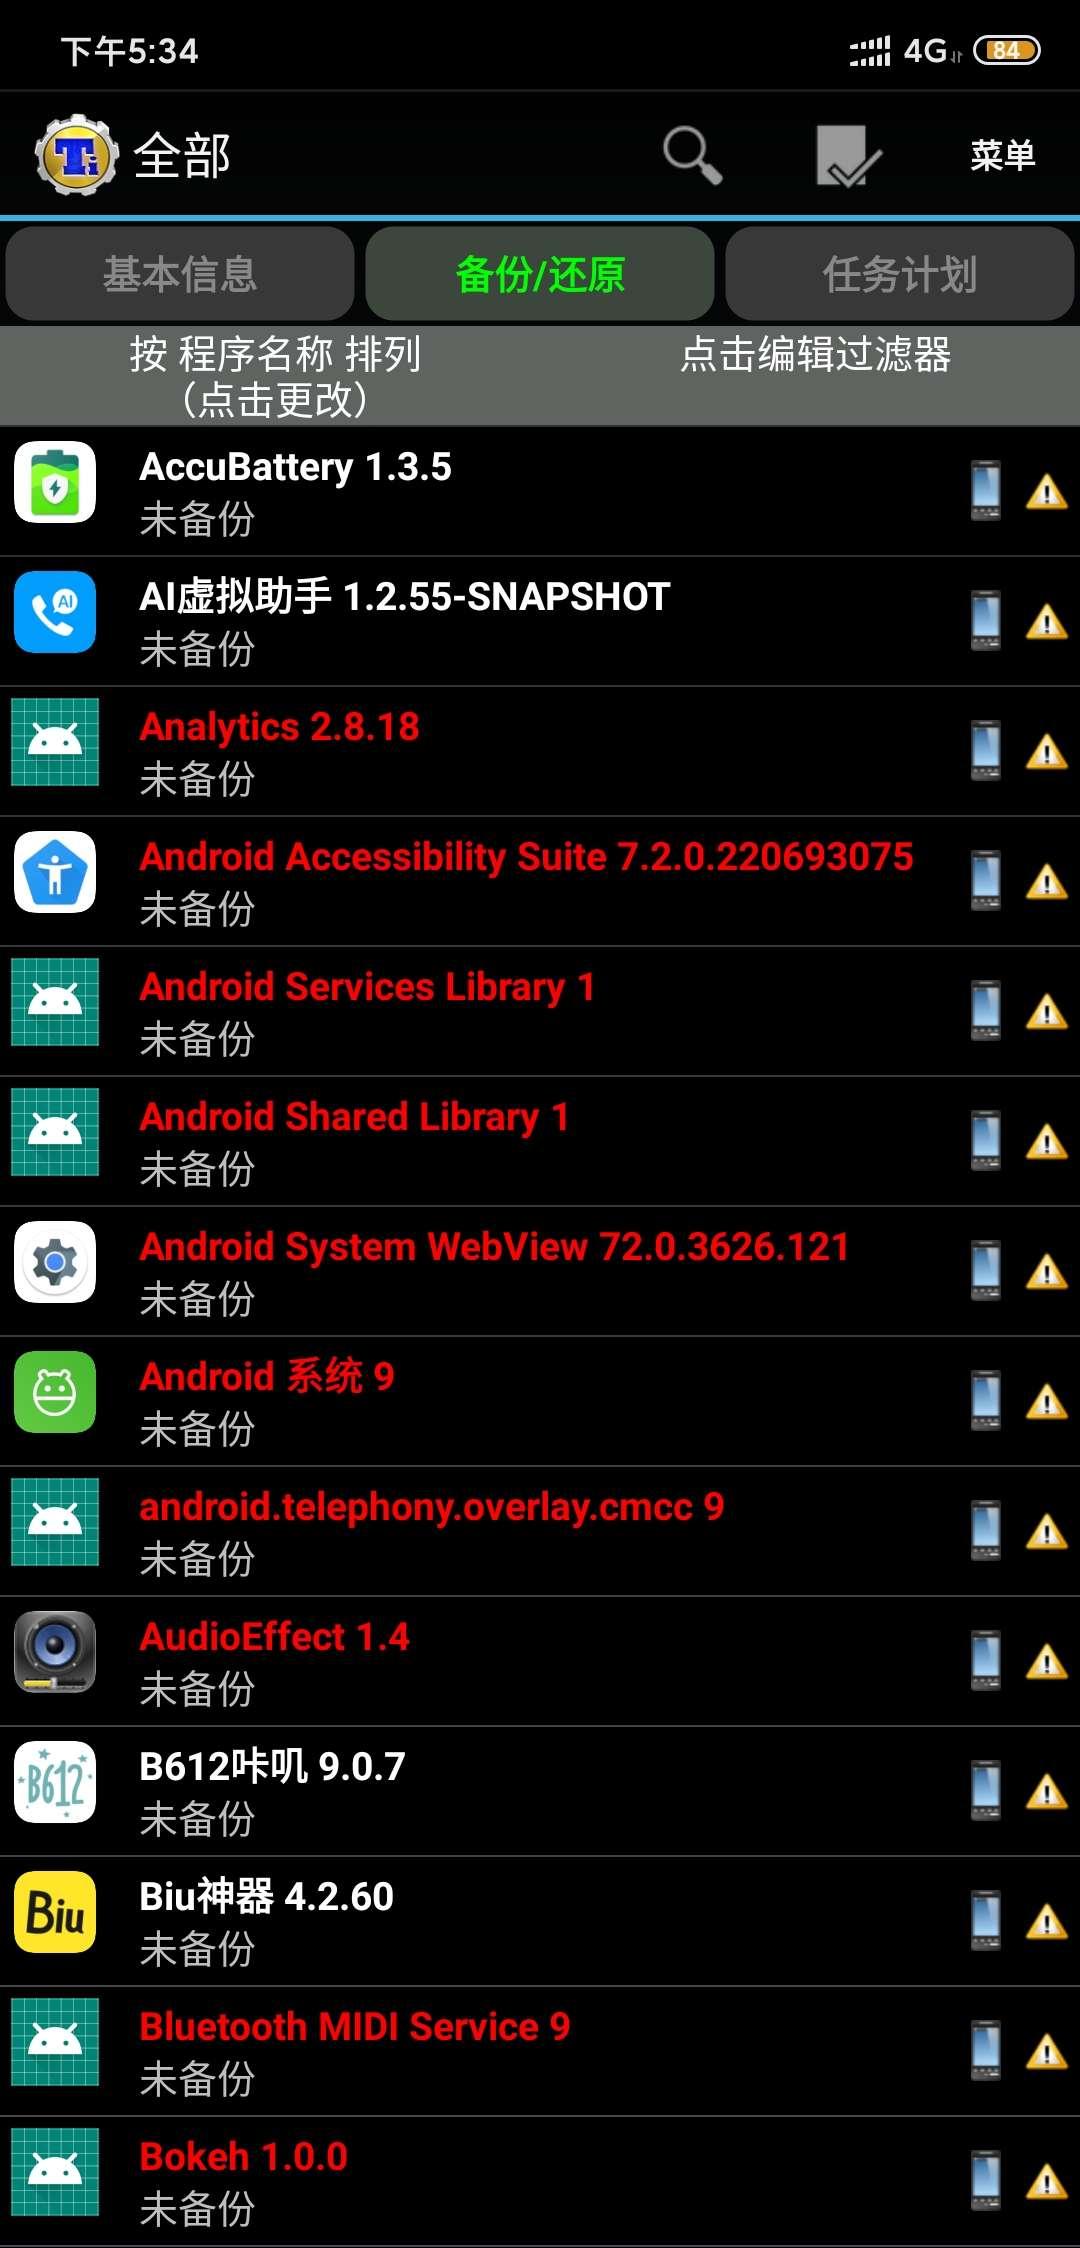 【分享】:【考核】+钛备份+v8.3.3